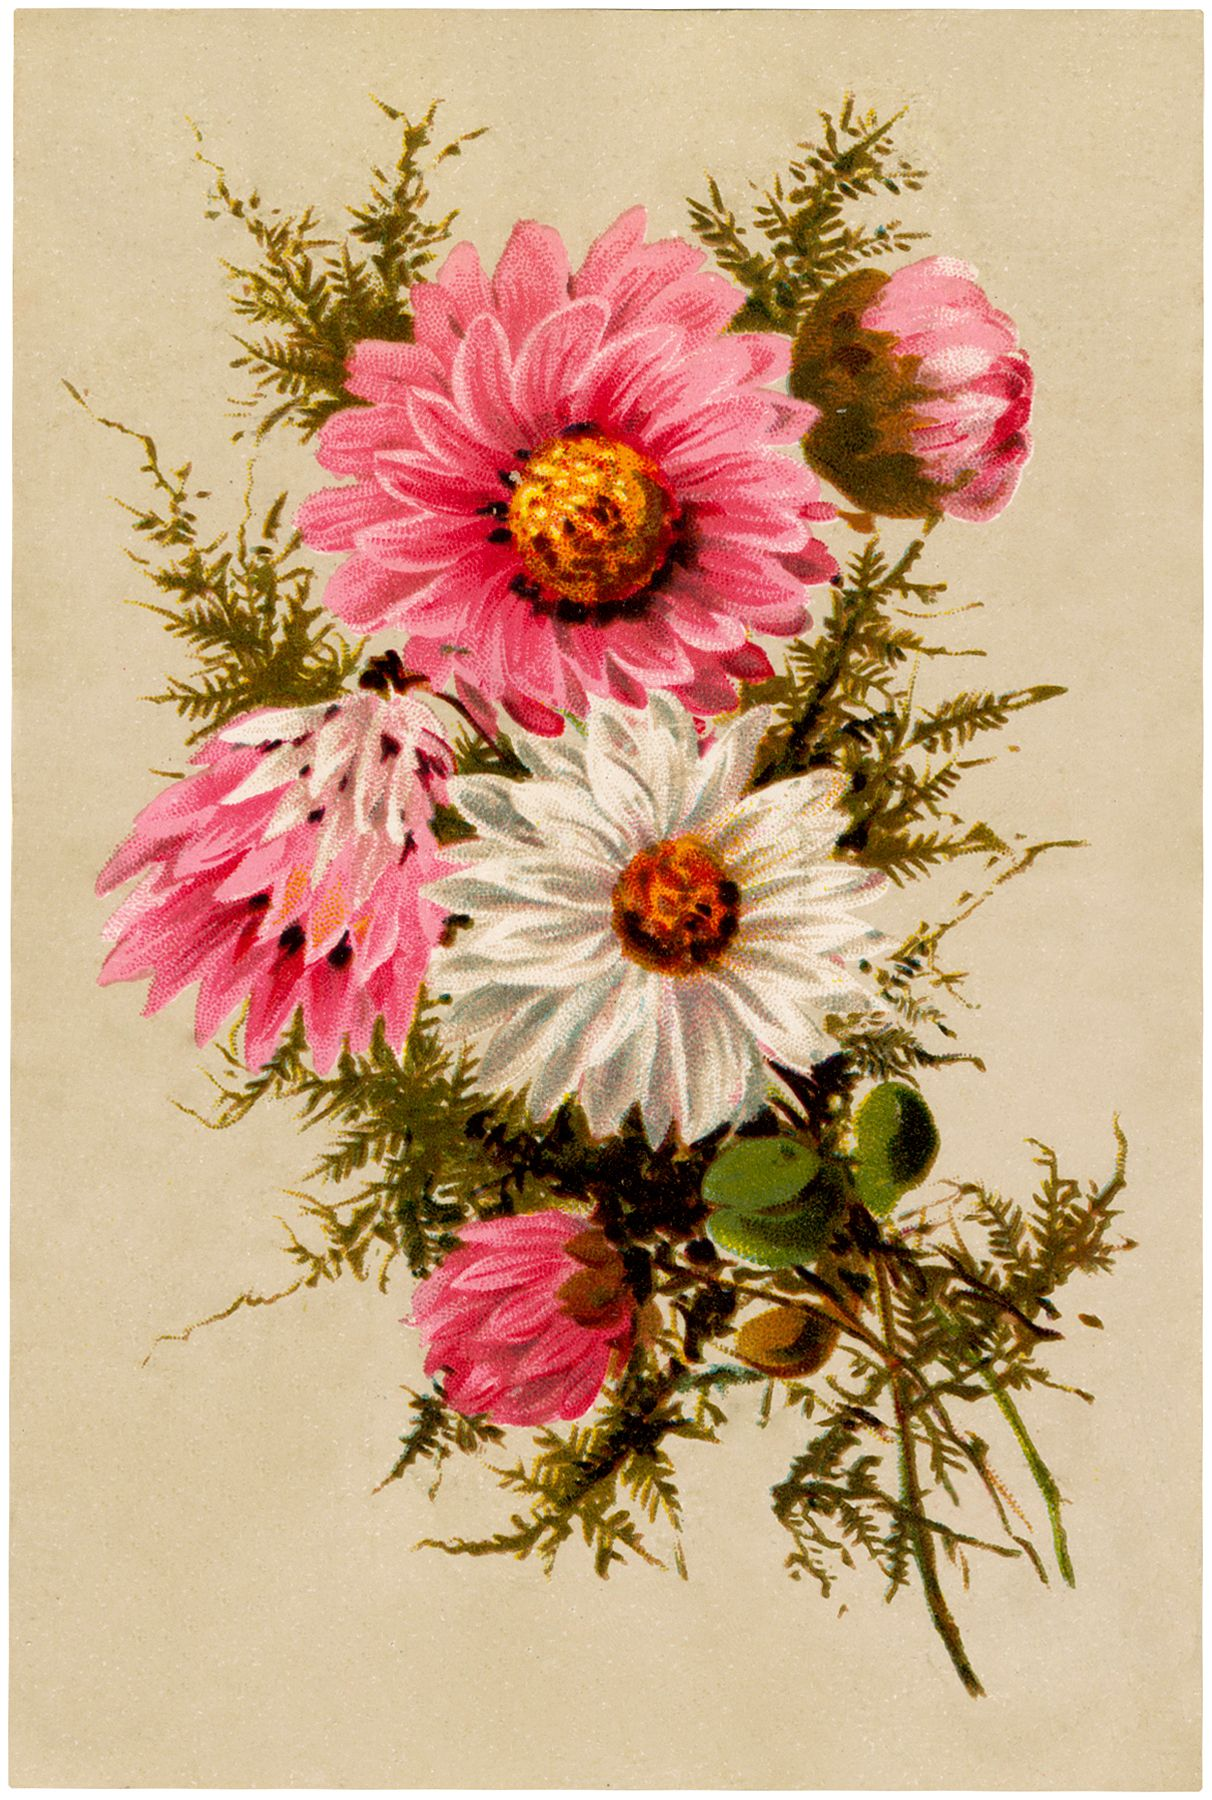 Free Vintage Asters Bouquet Image Vintage Flowers Bouquet Images Graphics Fairy